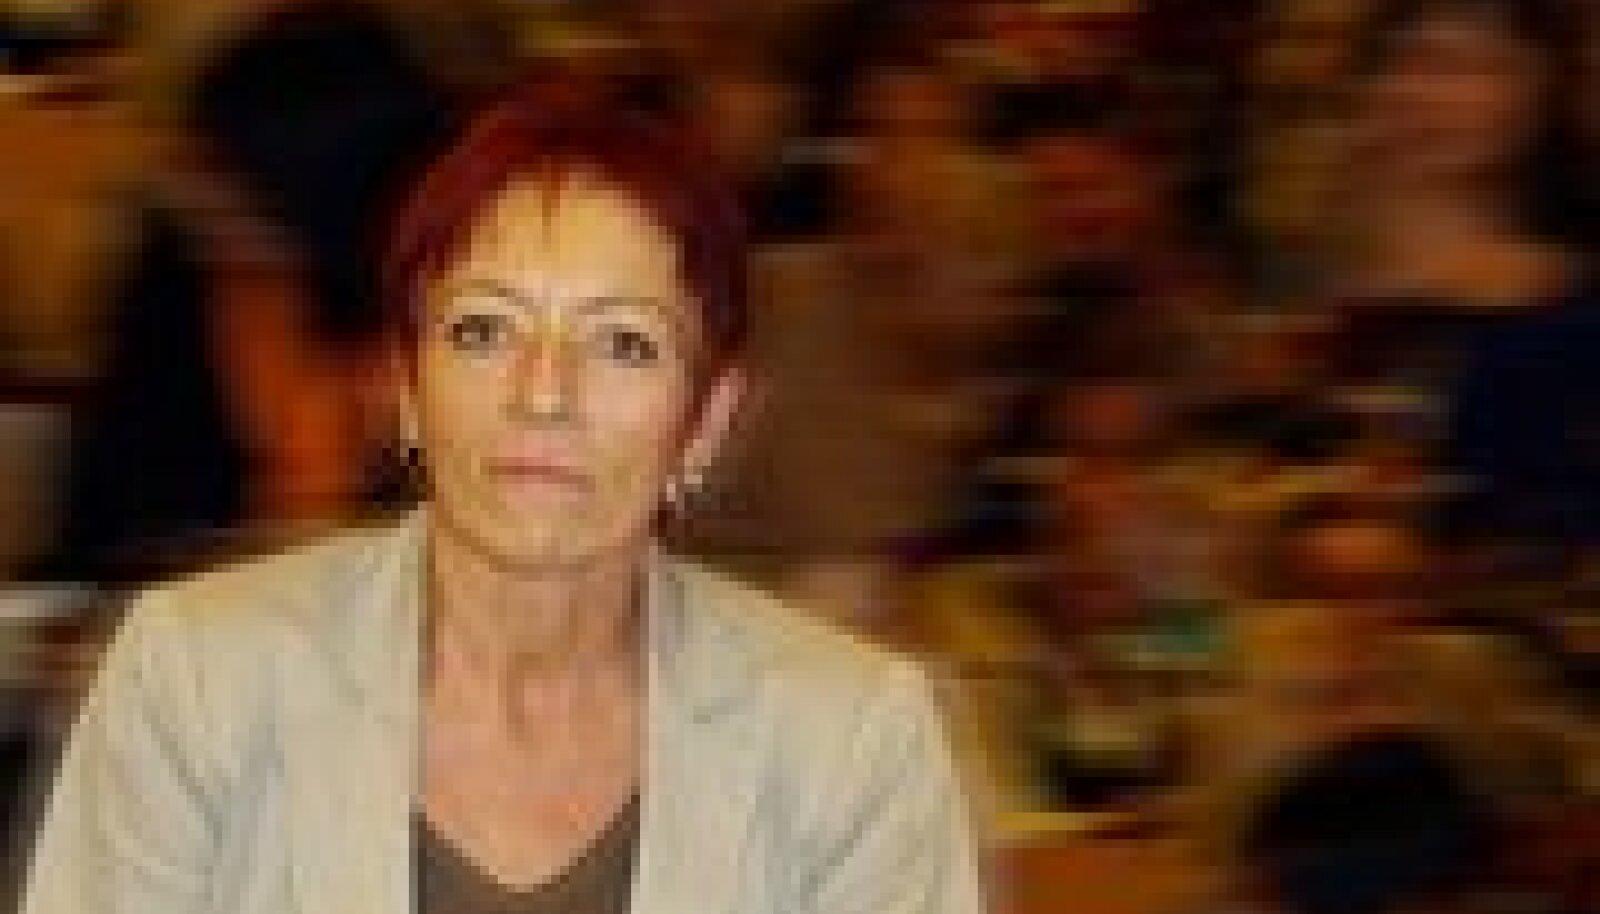 Viimane pilt: Kaks nädalat enne surma osales Krista Vinkel veel tööalasel konverentsil. (erakogu)